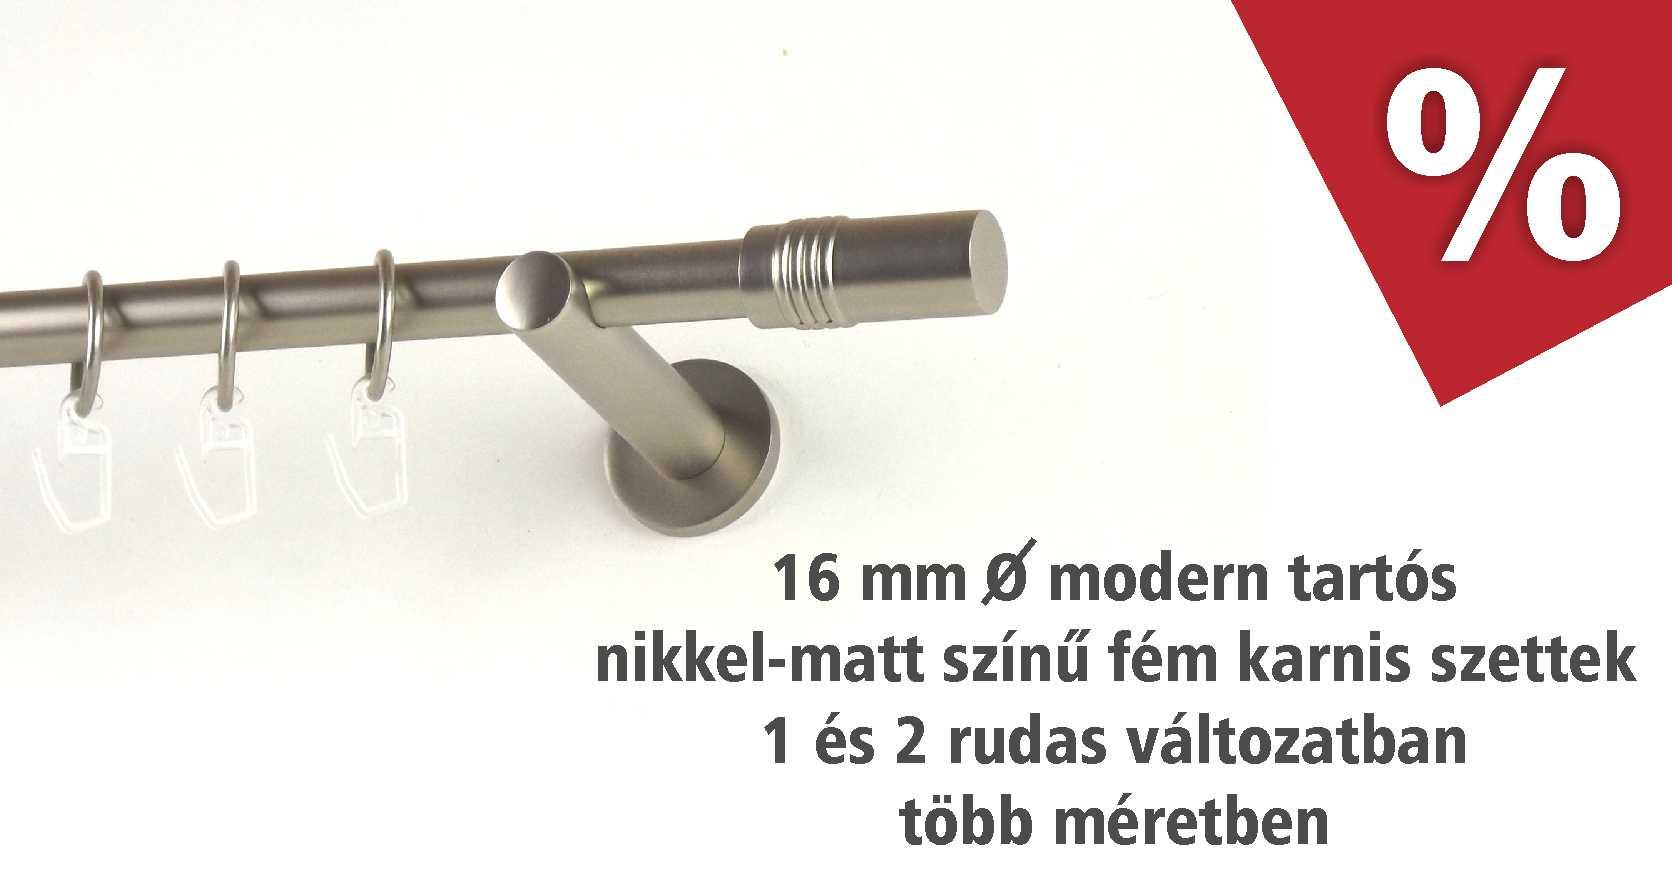 Modern tartós fém karnis szettek nikkel-matt színben szeptemberben akciós áron - www.karnisstudio.hu